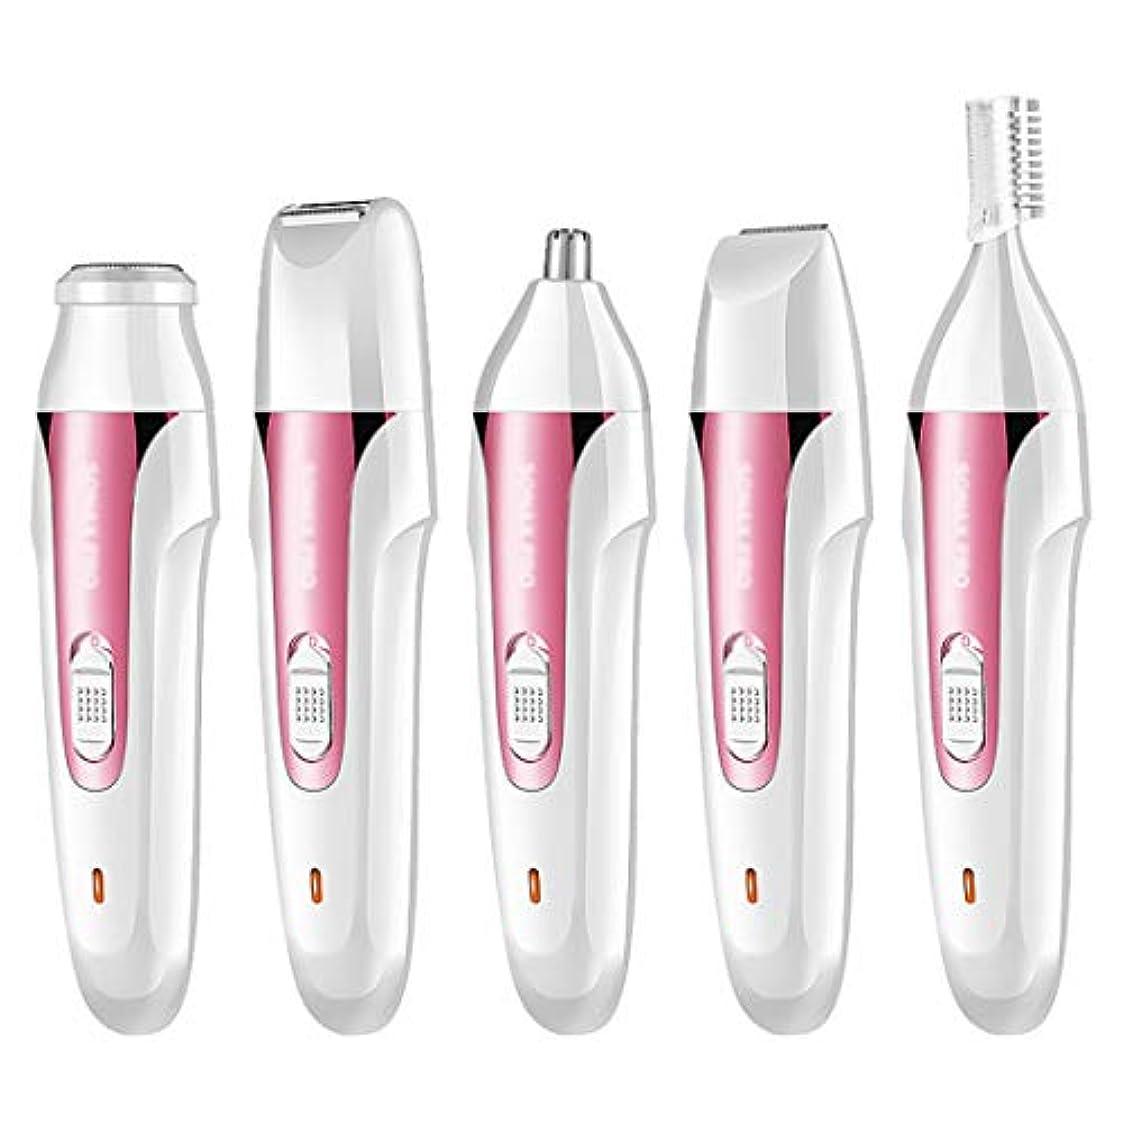 流行している海峡適応多機能シェーバー充電式女性脱毛器具電気ヘアスクレーパー洗浄眉毛ナイフ,Pink